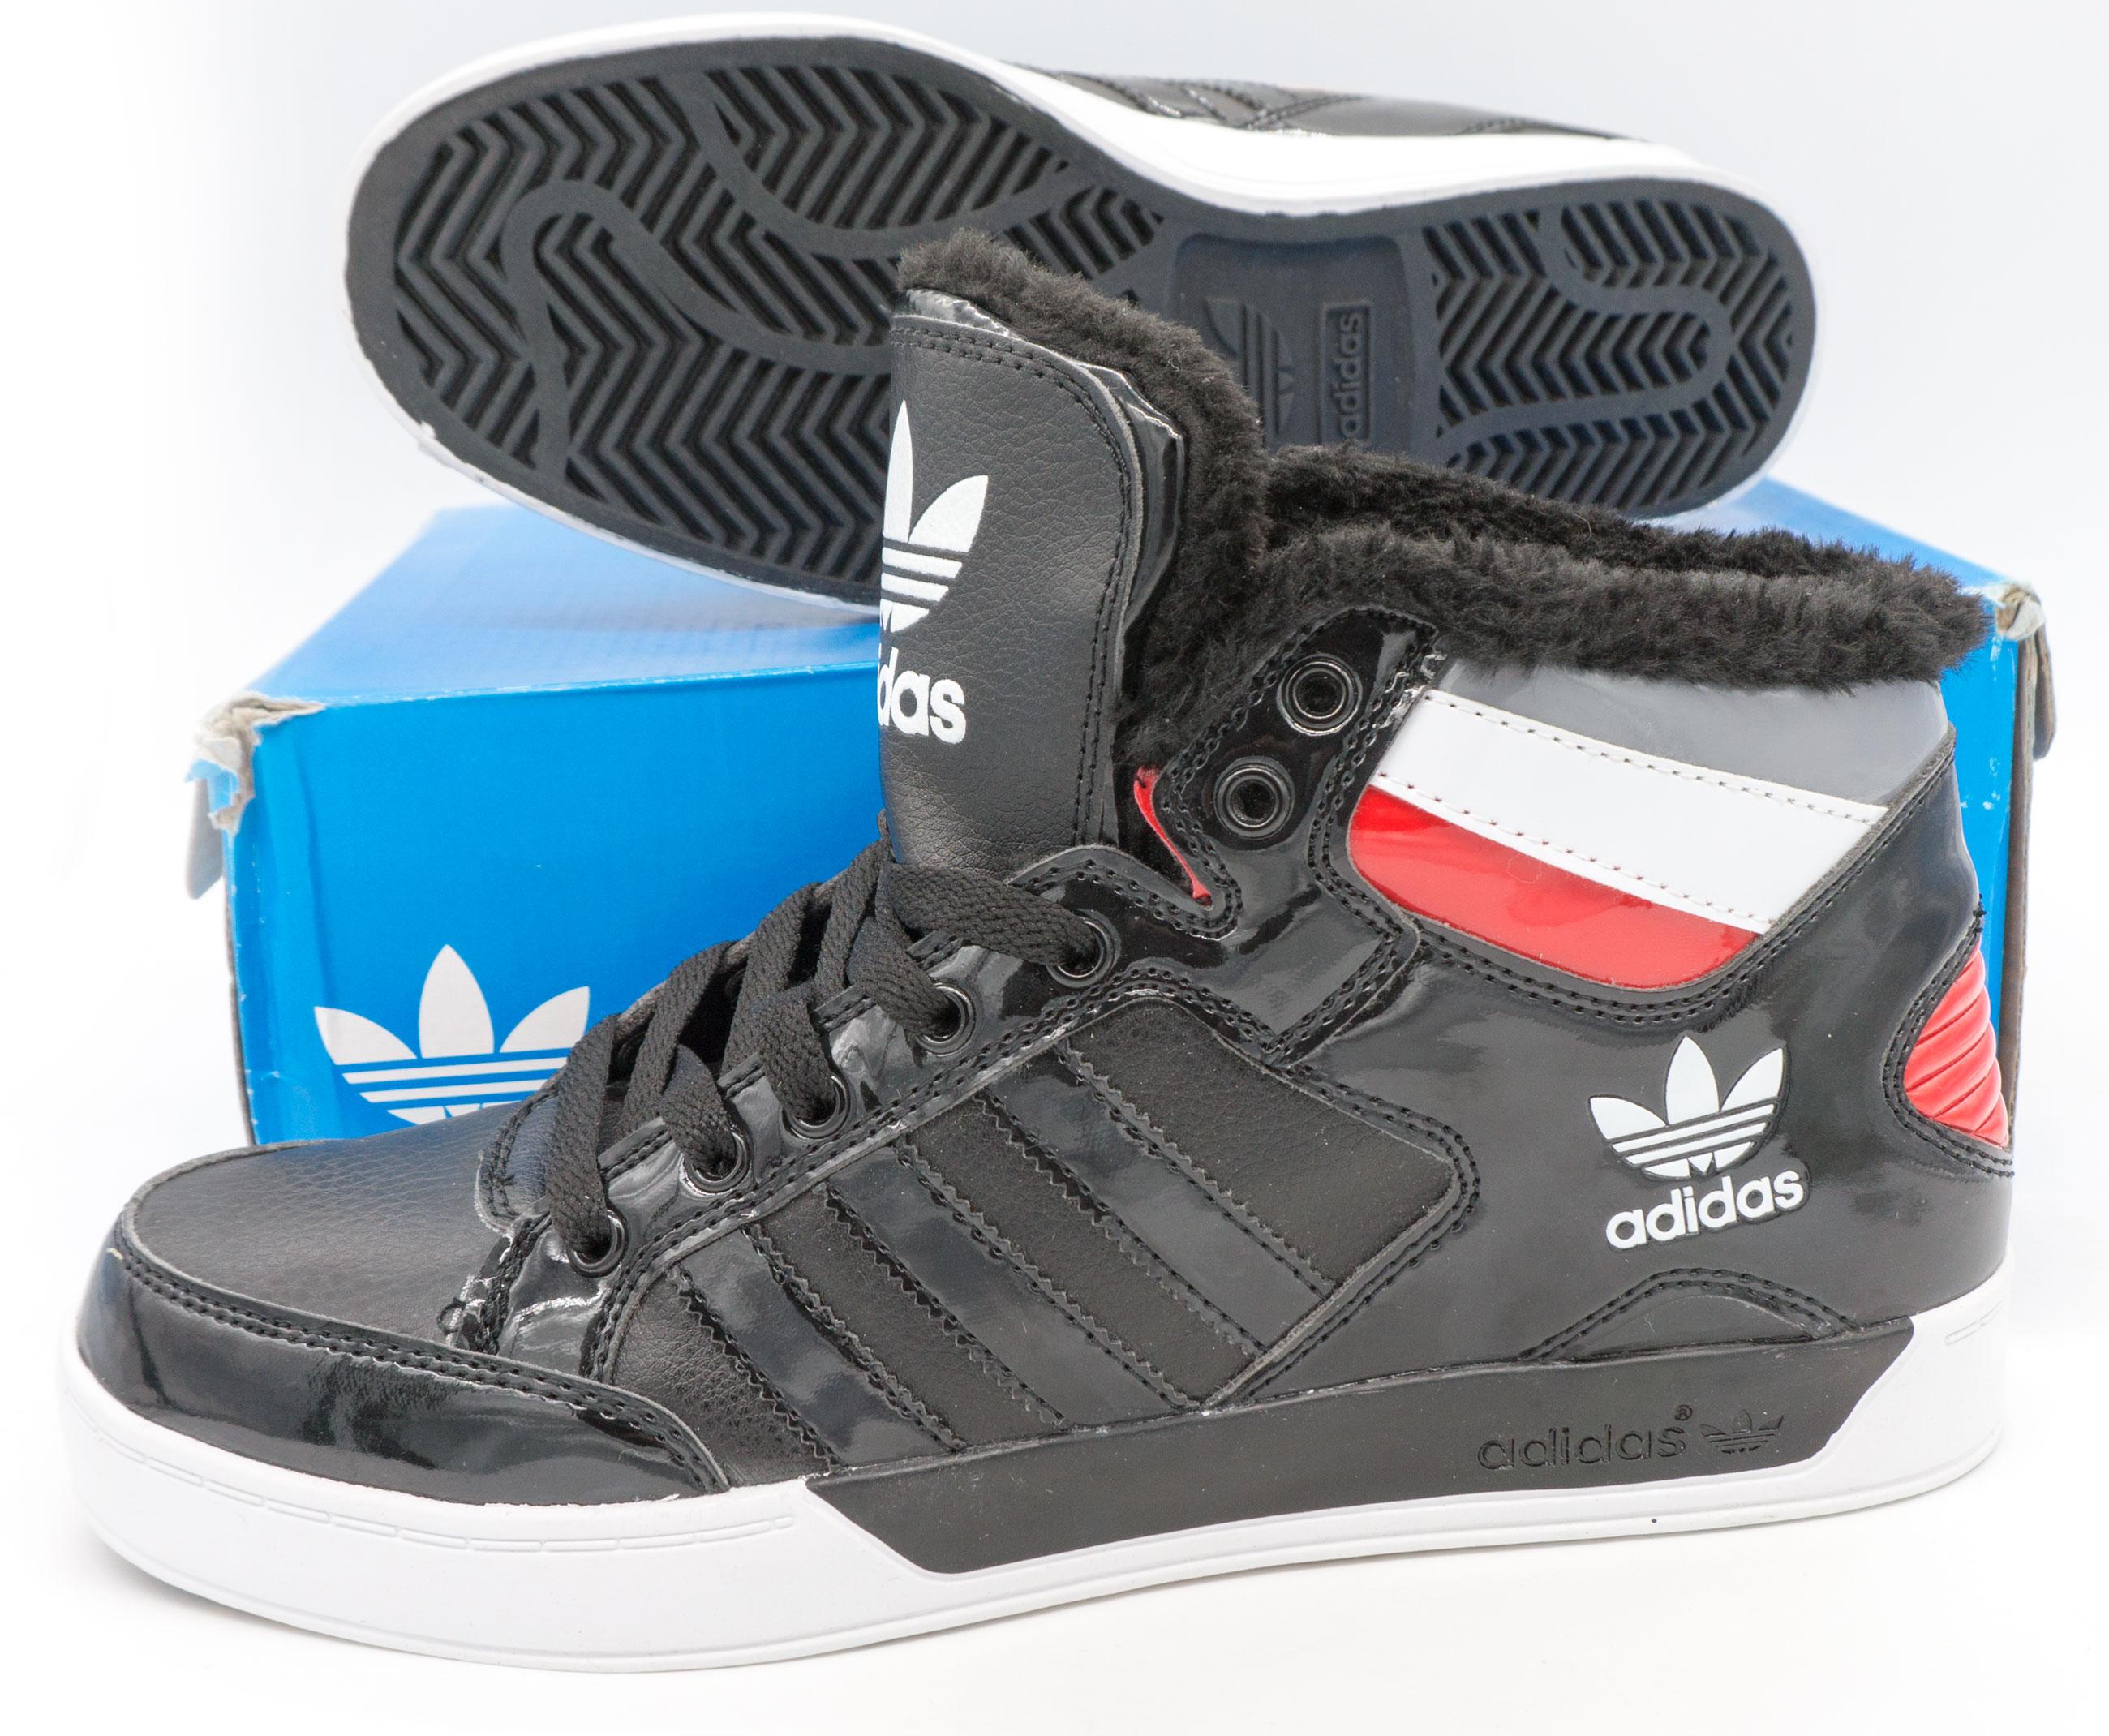 фото bottom Зимние кроссовки Adidas G21405 черные bottom